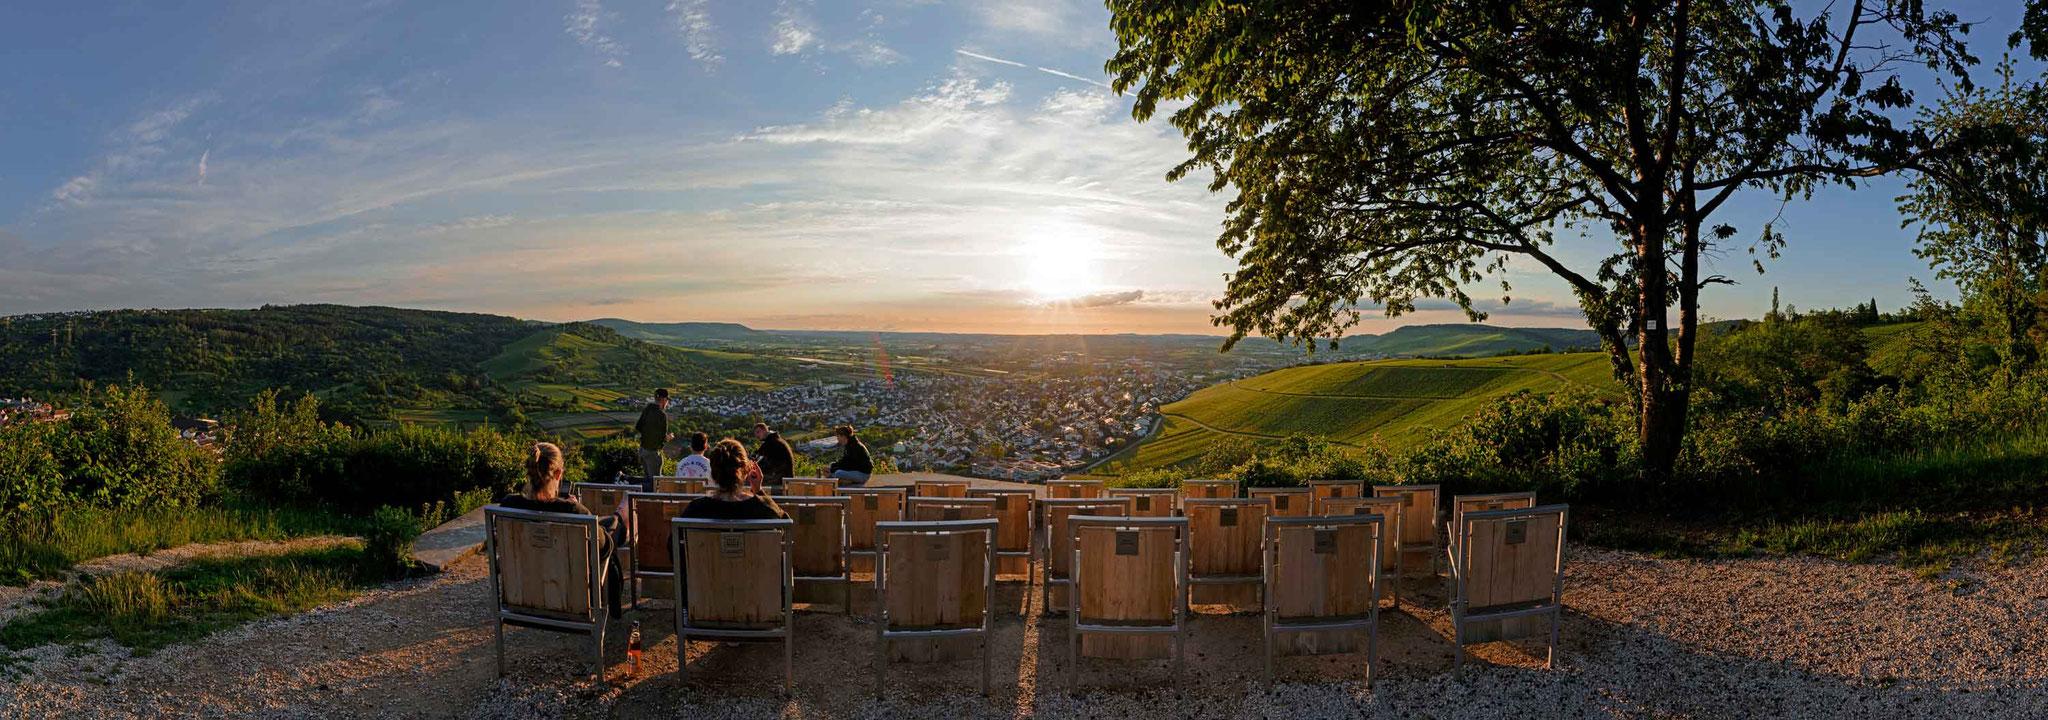 Remstalkino -  Panoramaaufnahme für die Rems-Murr-Klinik Schorndorf